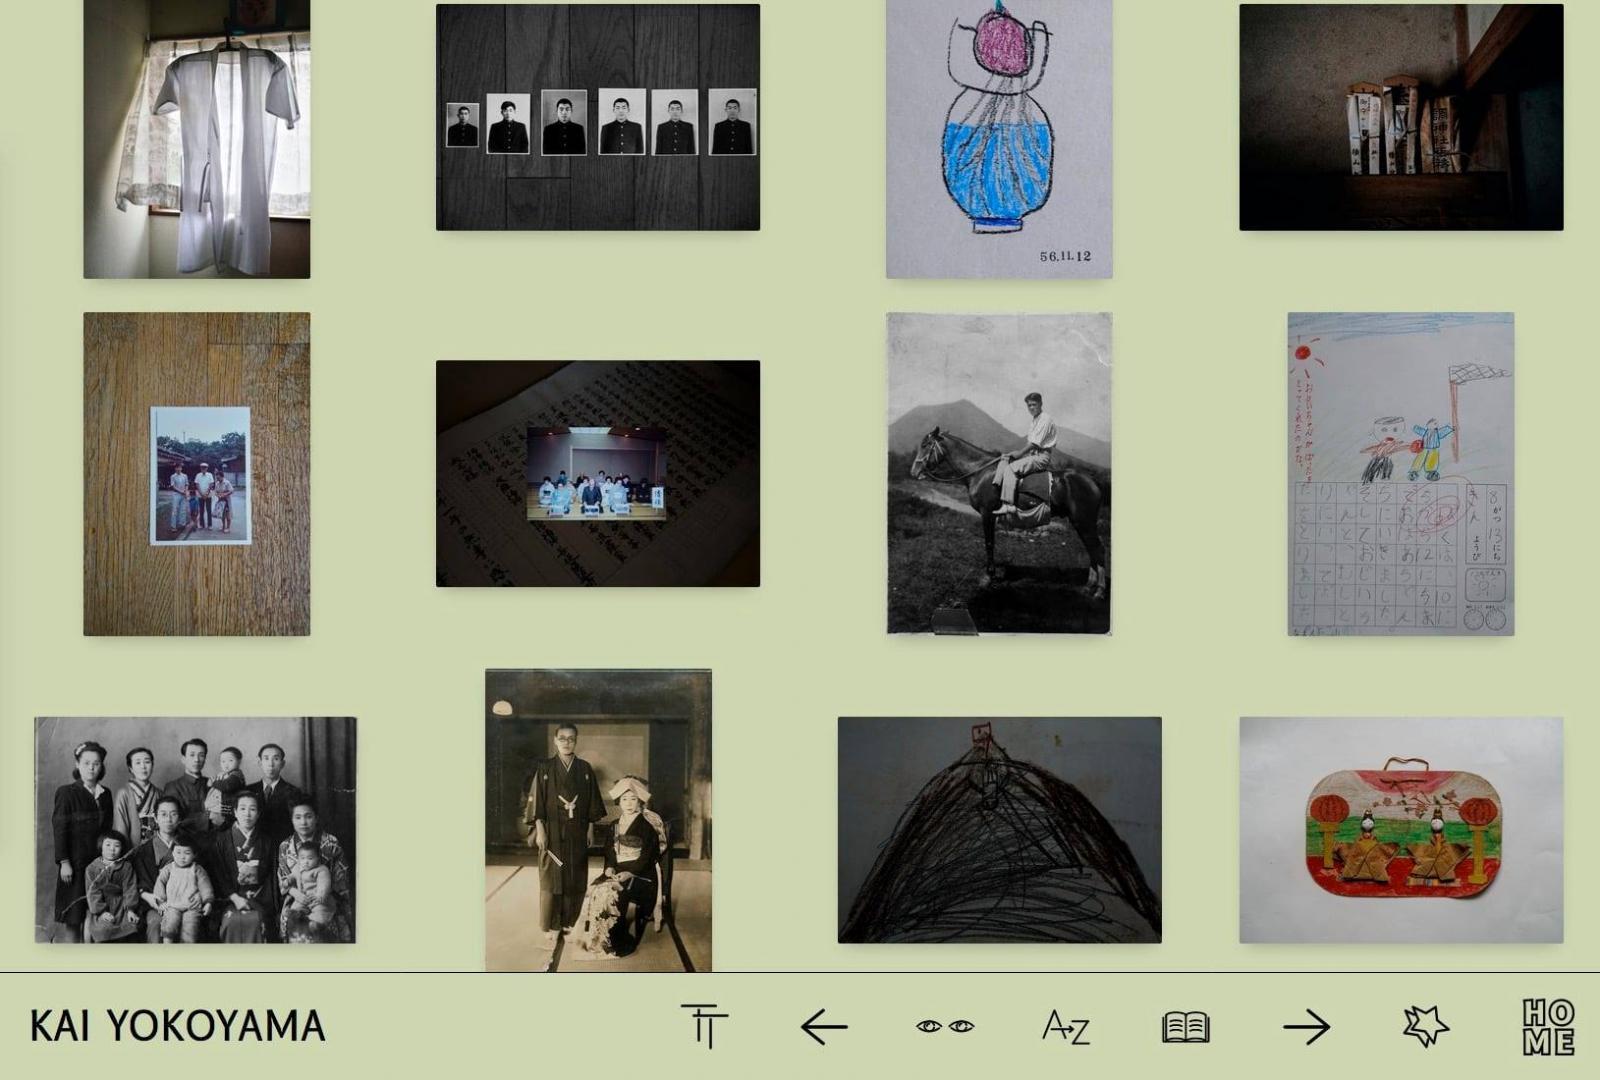 Photography image - Loading 124189575_4333342226709448_1904788179543821377_o.jpg